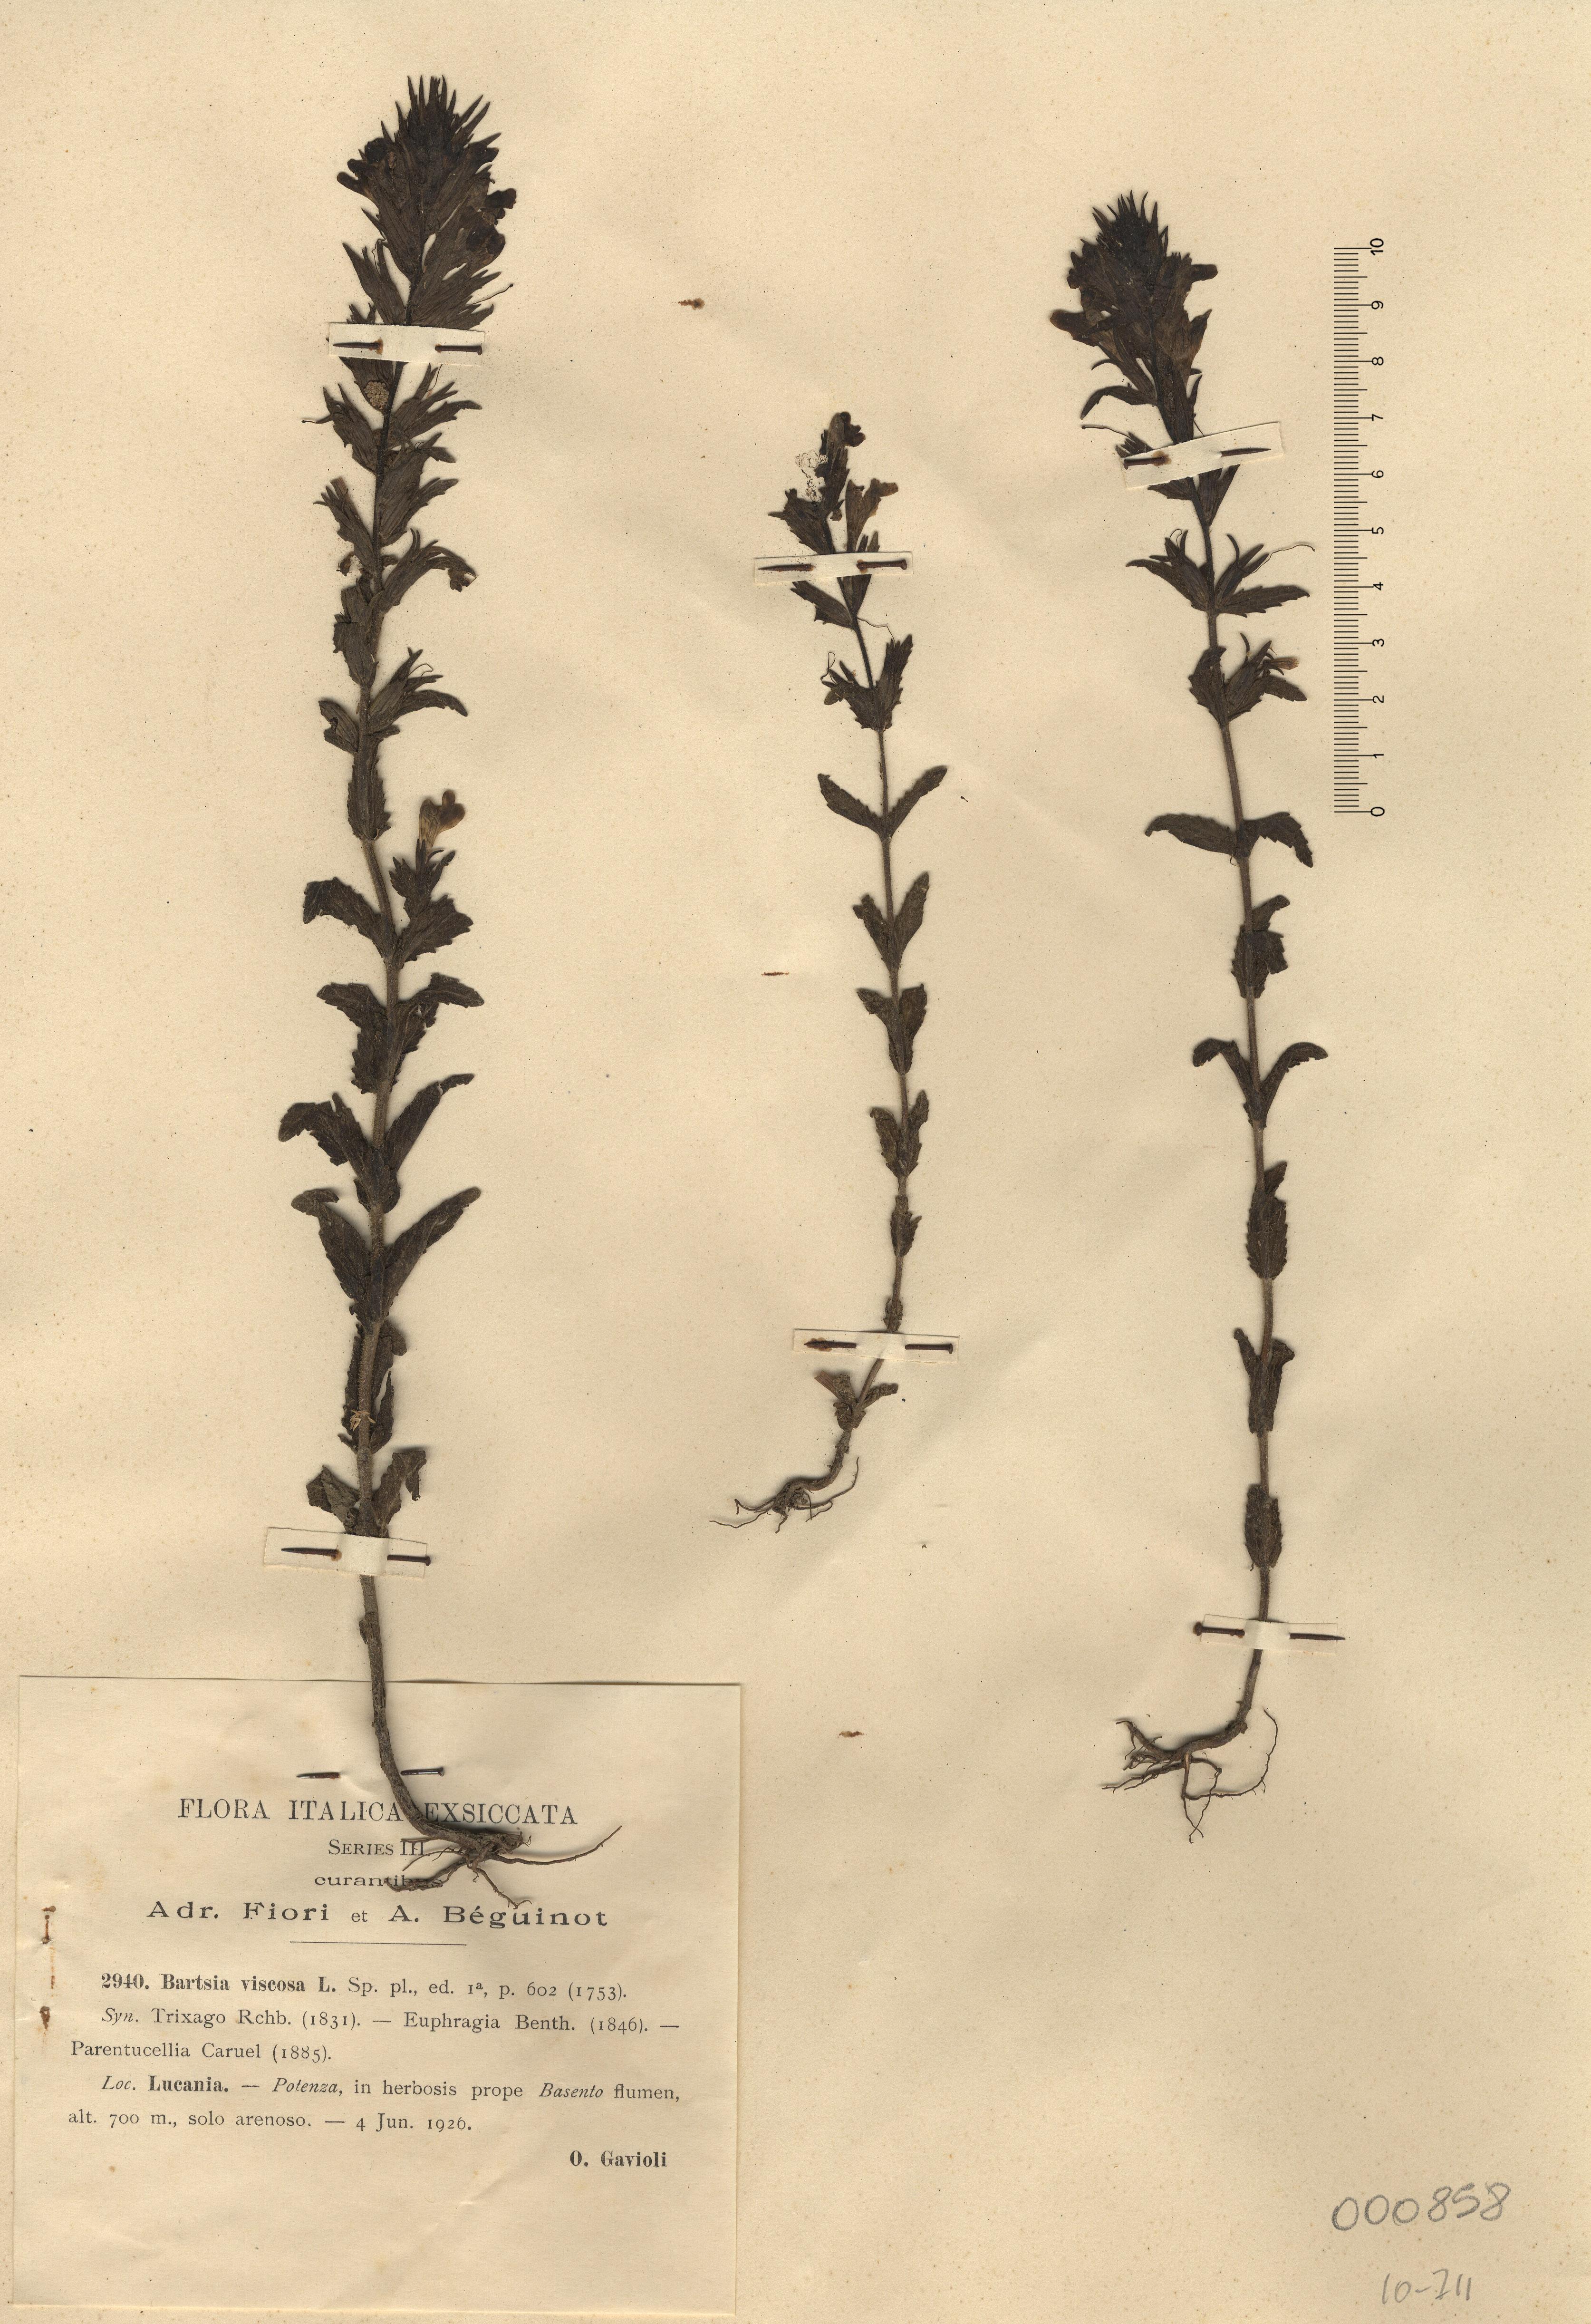 © Hortus Botanicus Catinensis - Herb. sheet 000858<br>